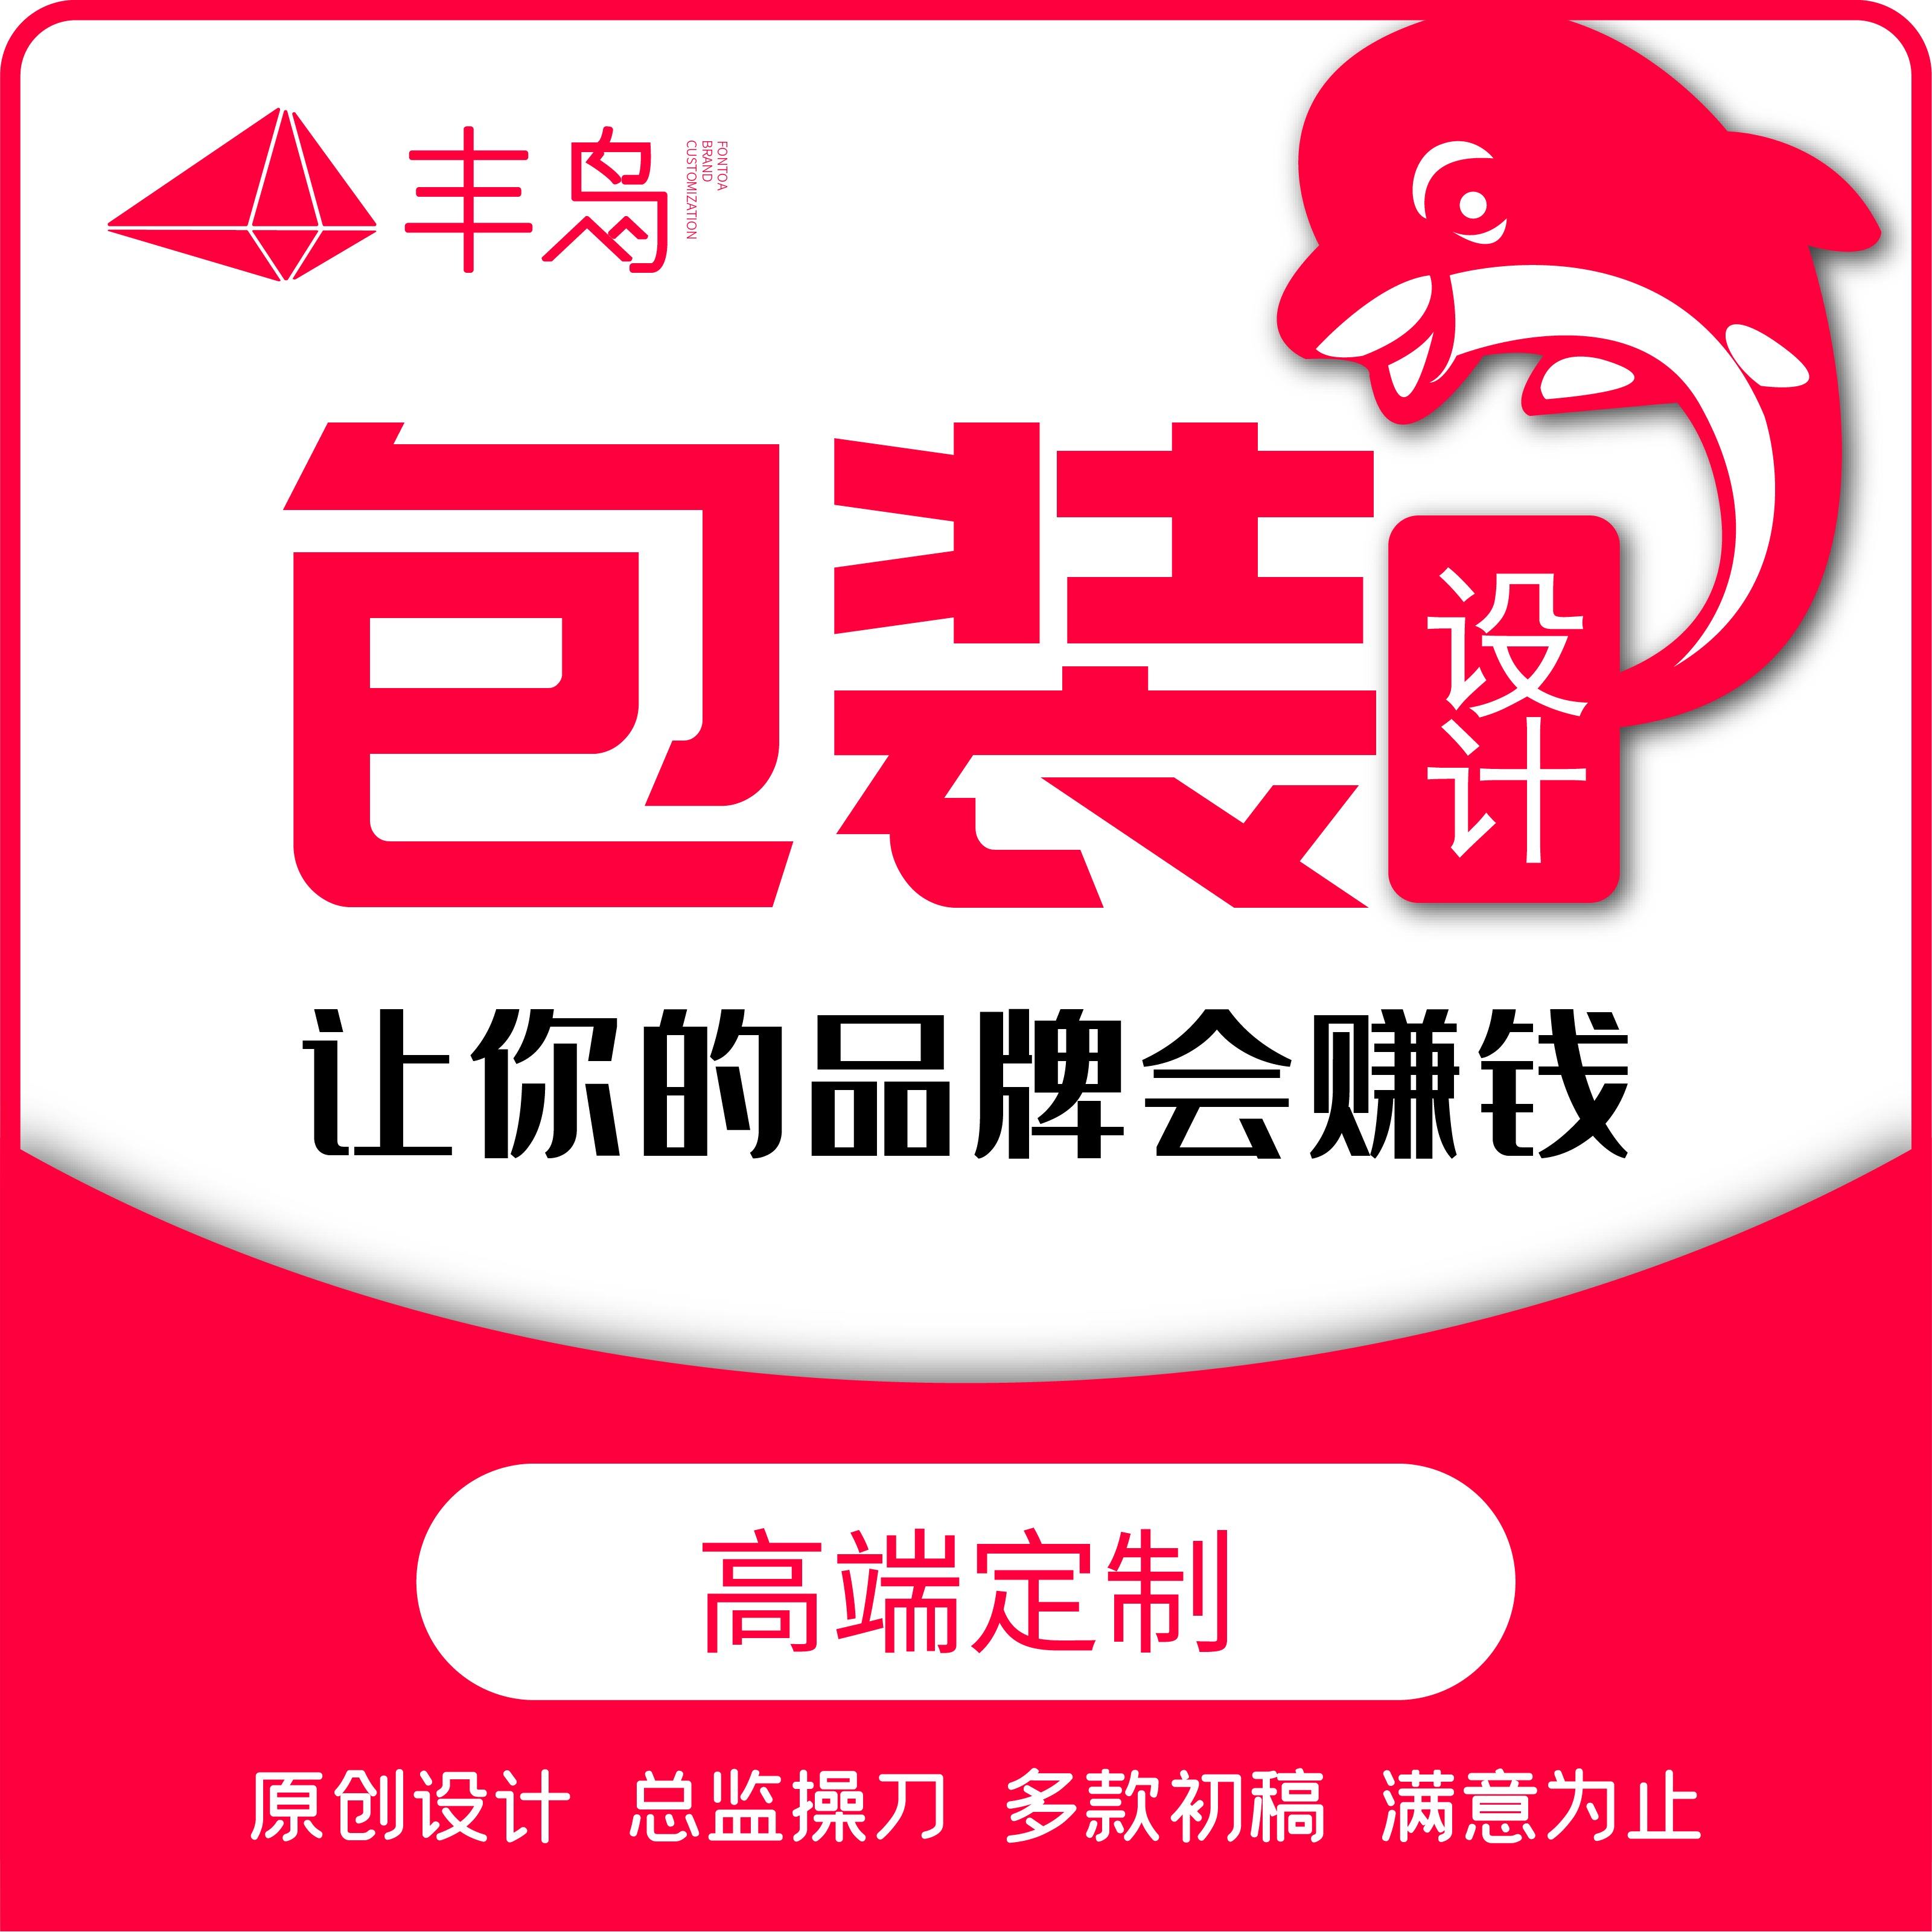 创意包装高端定制设计茶叶礼盒茶罐包装袋国茶中国风